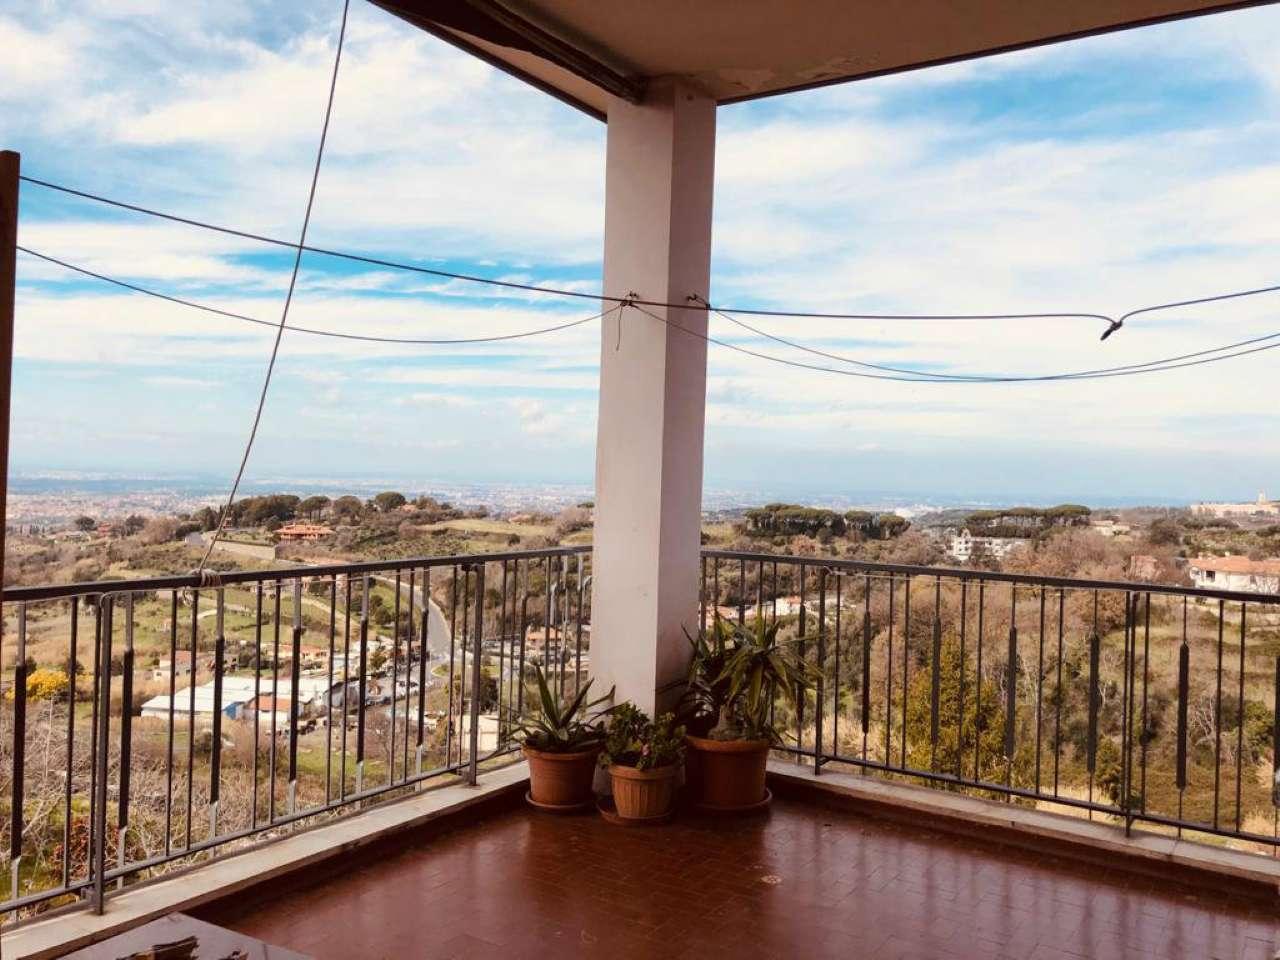 Appartamento in vendita a Marino, 3 locali, prezzo € 155.000 | PortaleAgenzieImmobiliari.it